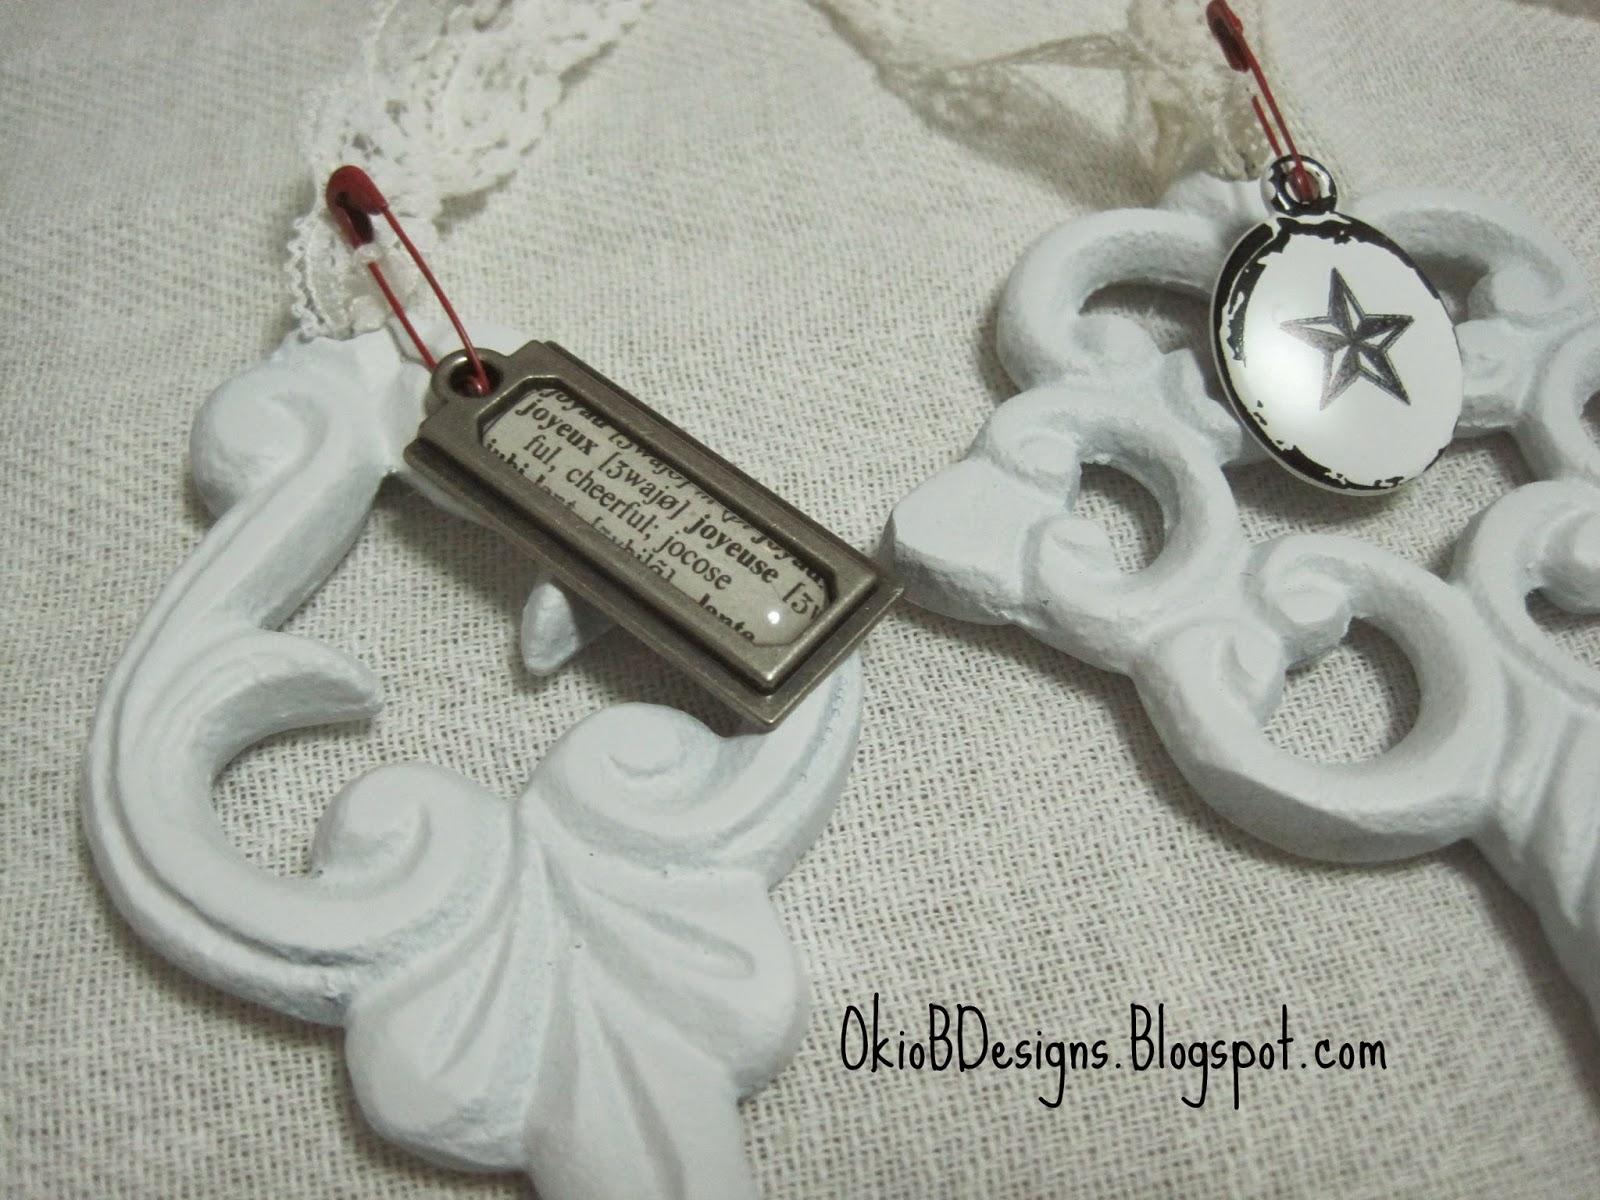 Walmart Skeleton Keys for White Wednesday - Okio B Designs